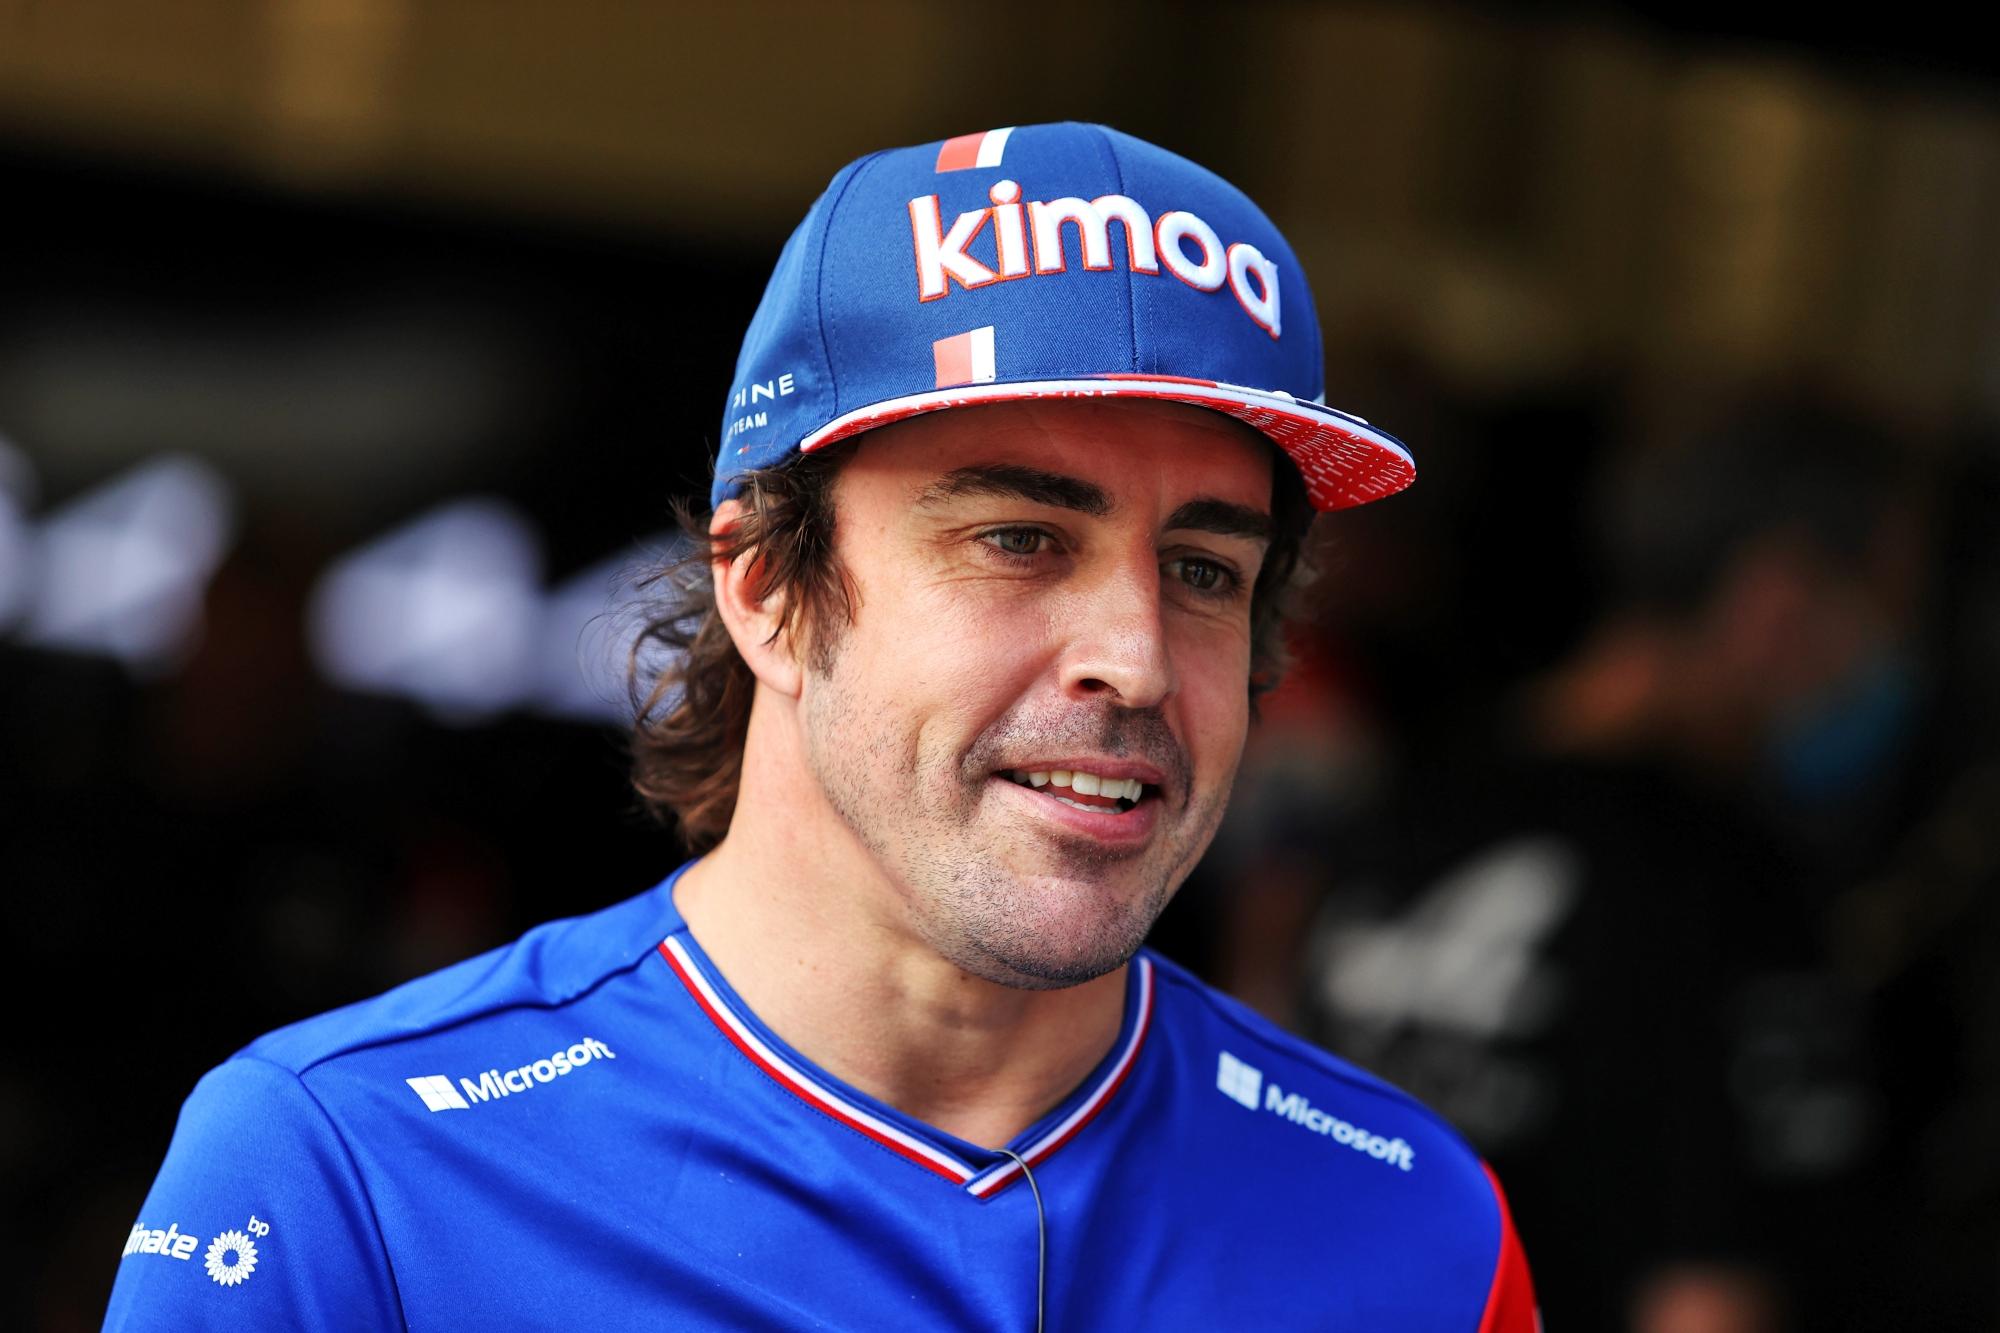 F1: A Red Bull-lal is tárgyalt a visszatérésről Alonso